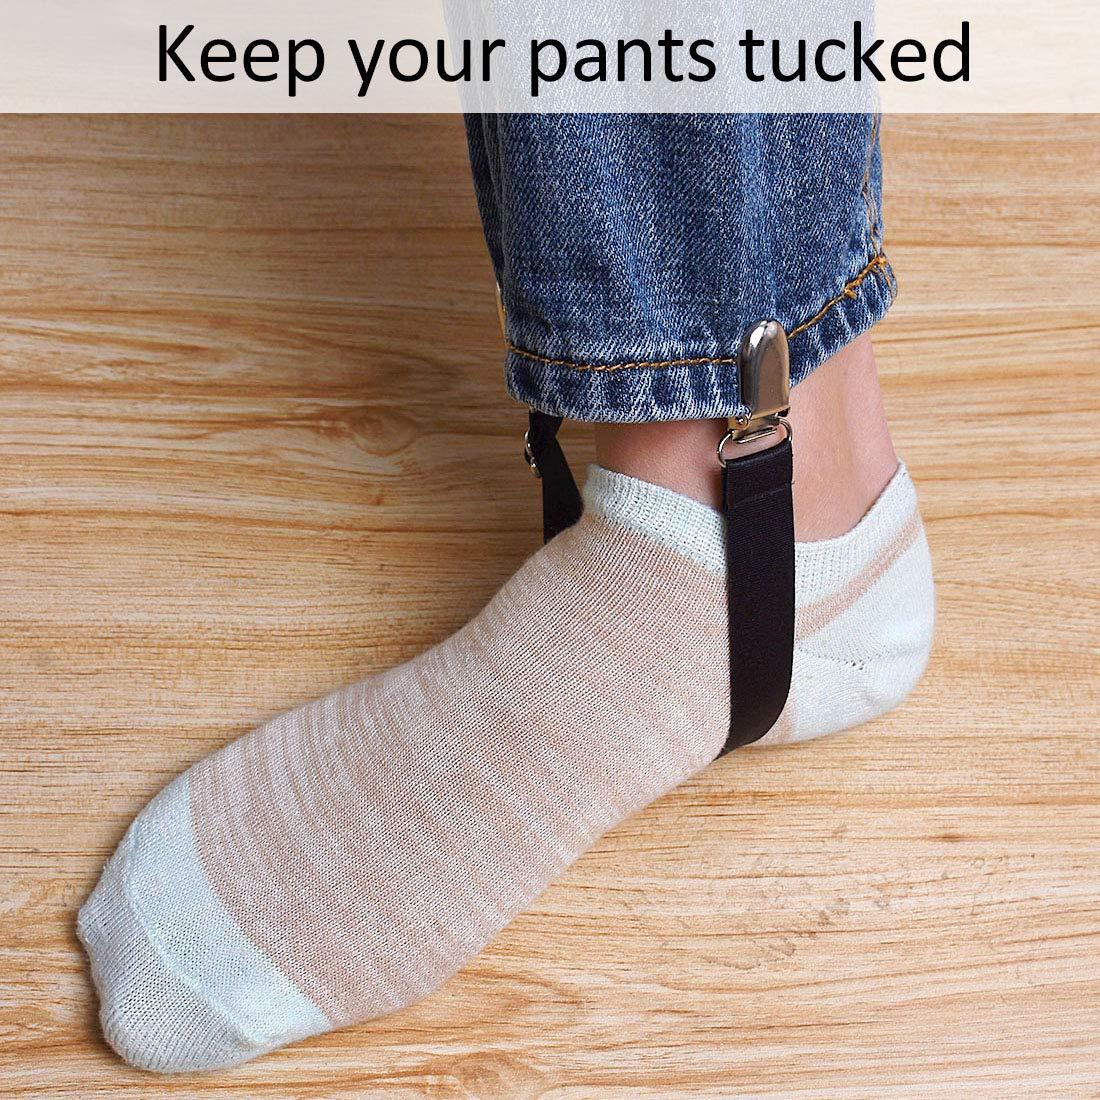 FREAHAP R Attache Drap de Lit Housse Clip pour Pantalon /élastiques Lot de 4